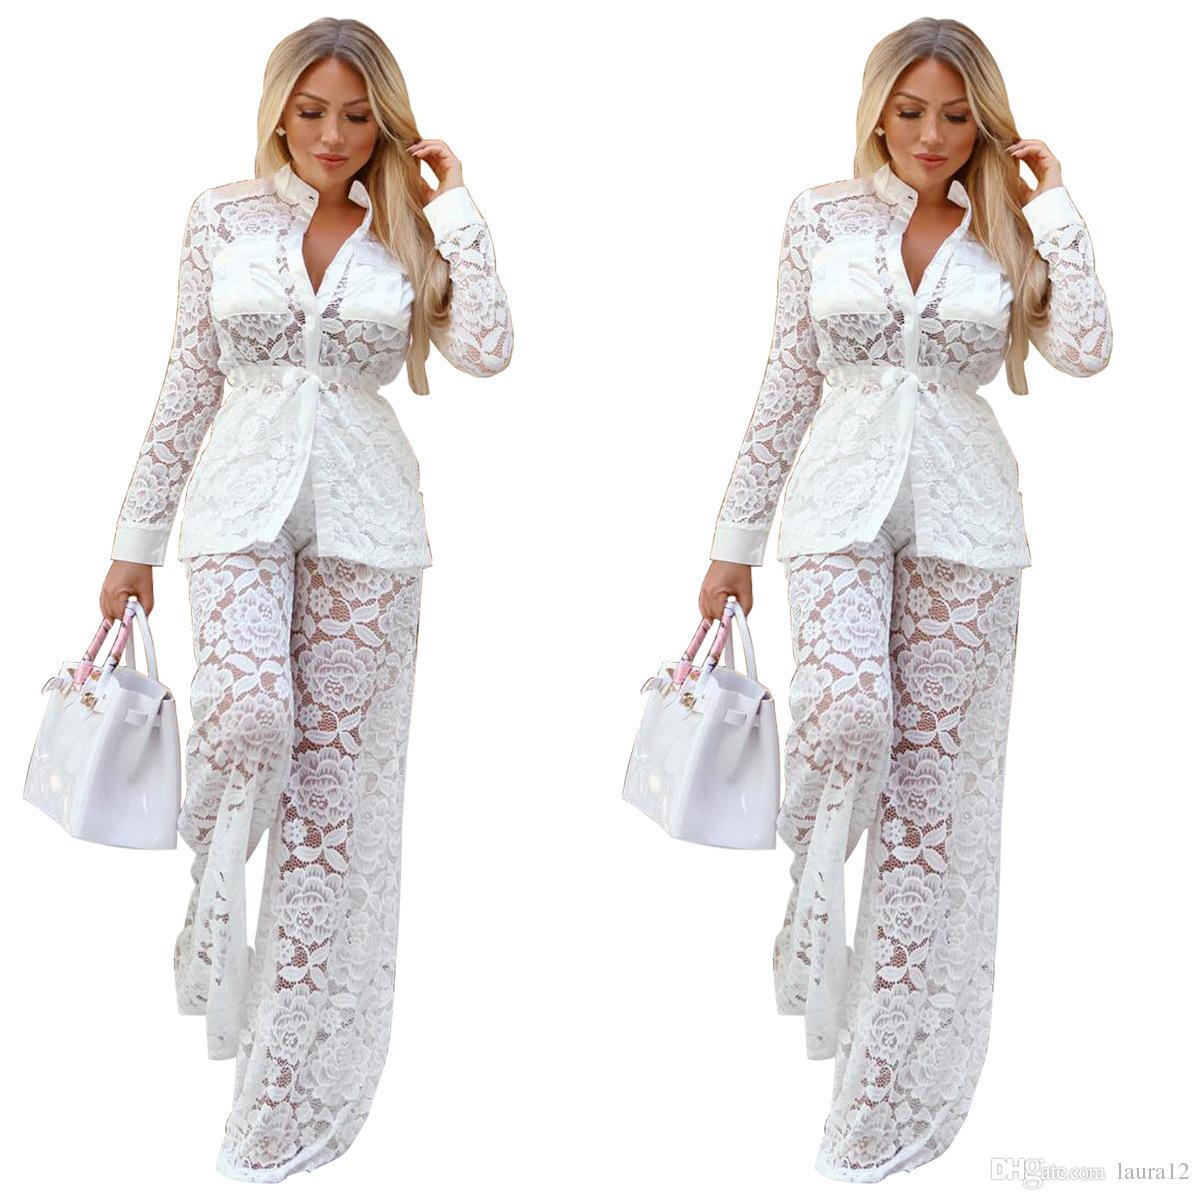 2019 neue weiße spitze mode frauen zwei stücke kausalen outfits lange ärmel v-ausschnitt tops und lange breite beinhosen party club kleidung